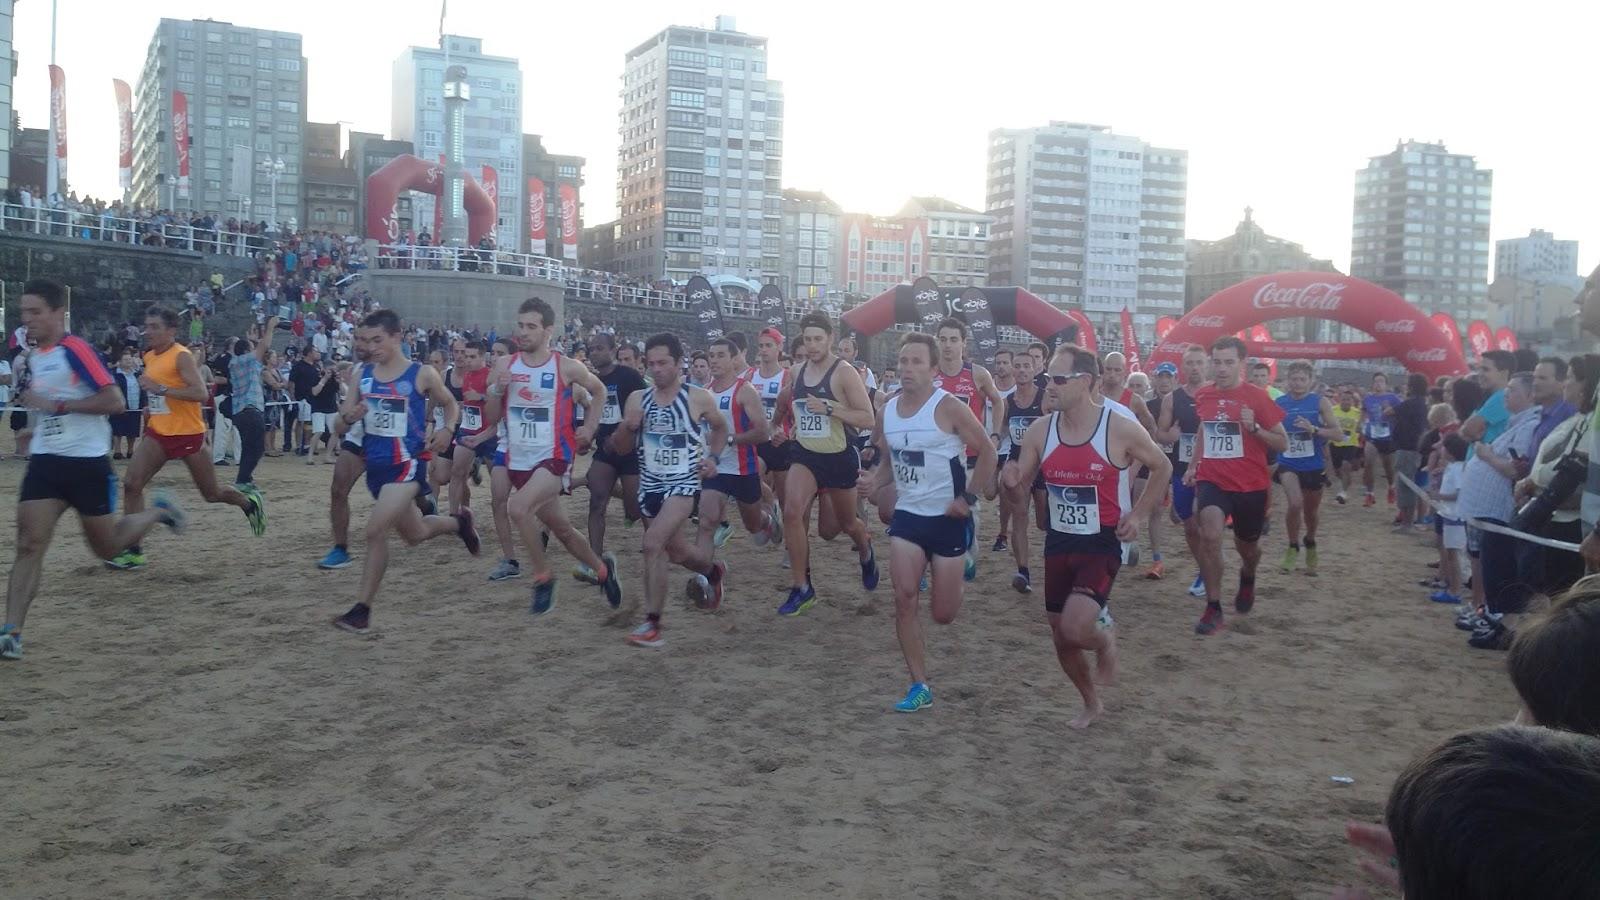 Un corredor sin dorsal consigue el triunfo en una carrera